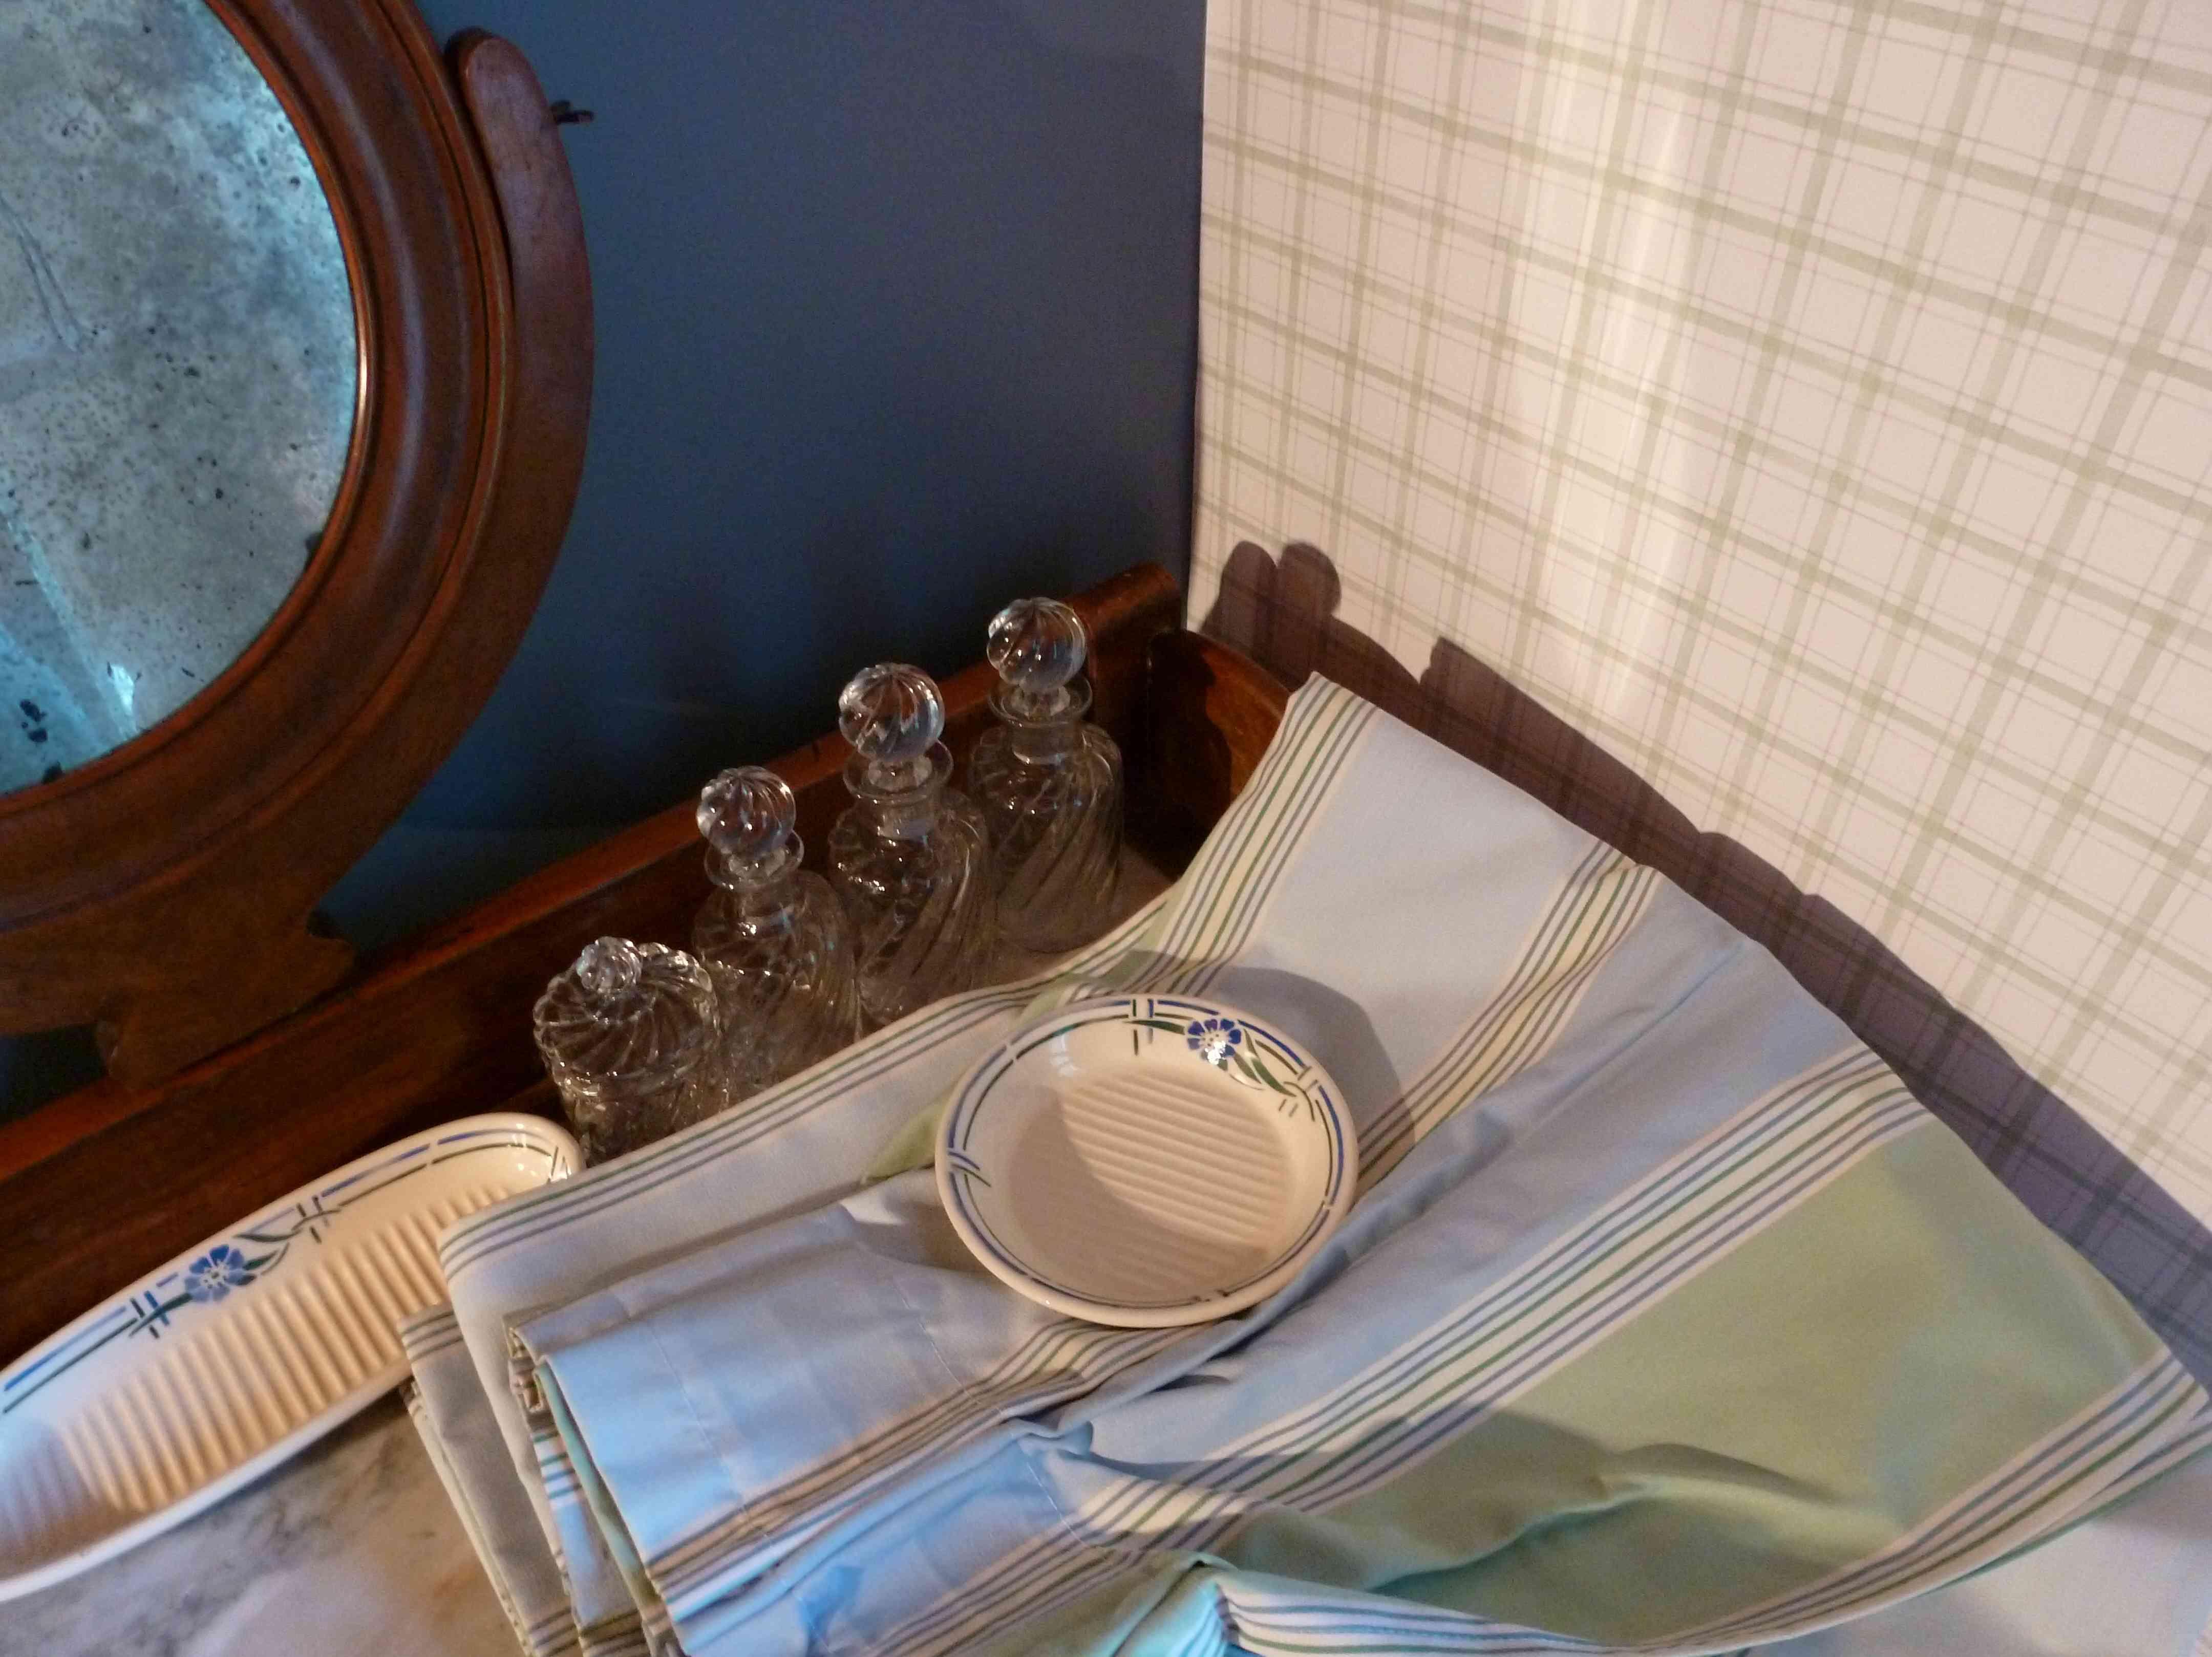 tableau tous les tages le blog. Black Bedroom Furniture Sets. Home Design Ideas